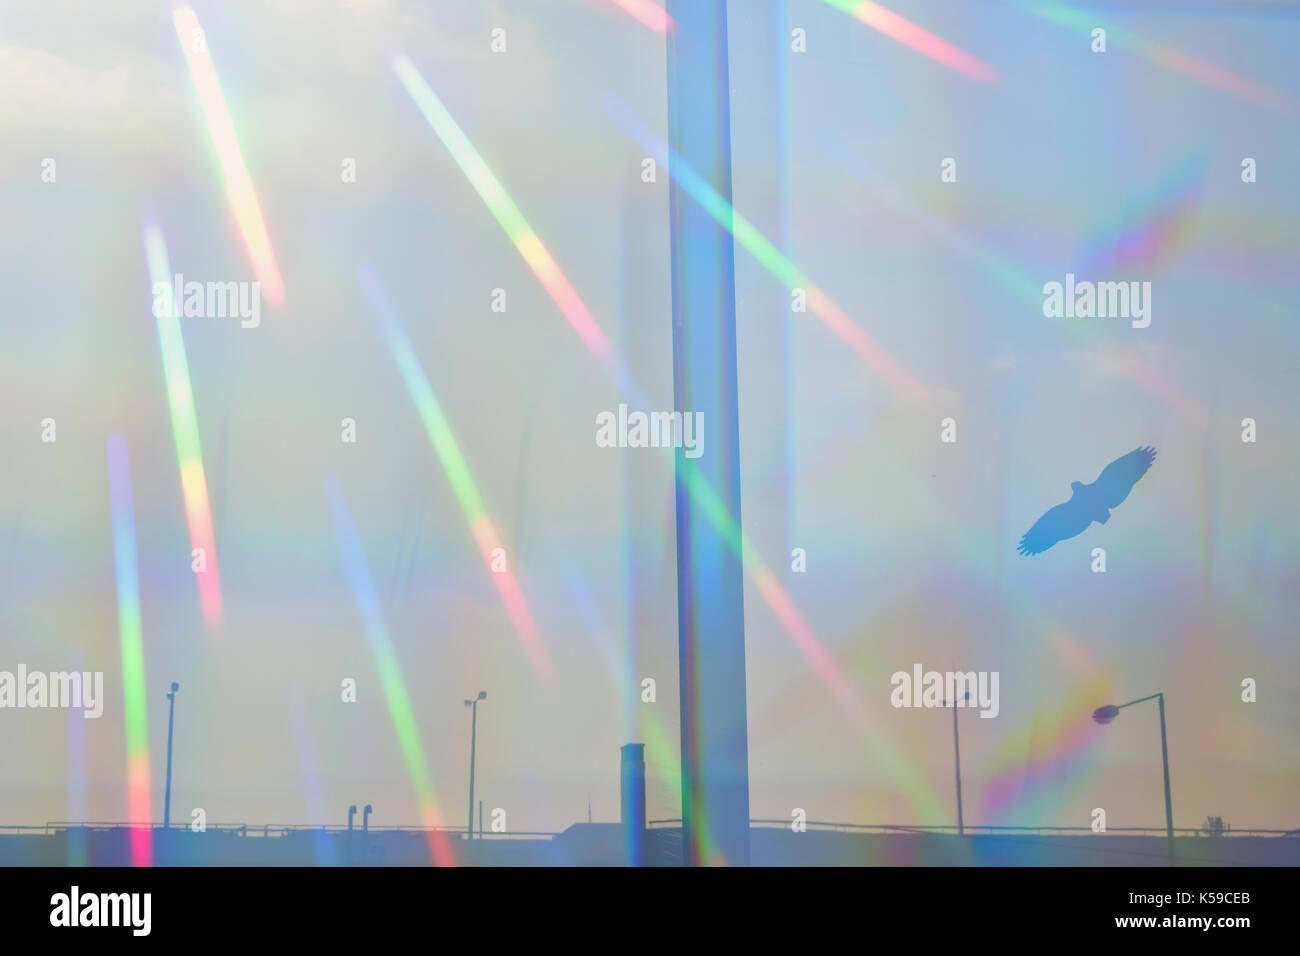 Prismatica raggi di sole sulla barriera di vetro con volo di uccelli silhouette. autostrada distanti e luci di strada. Immagini Stock